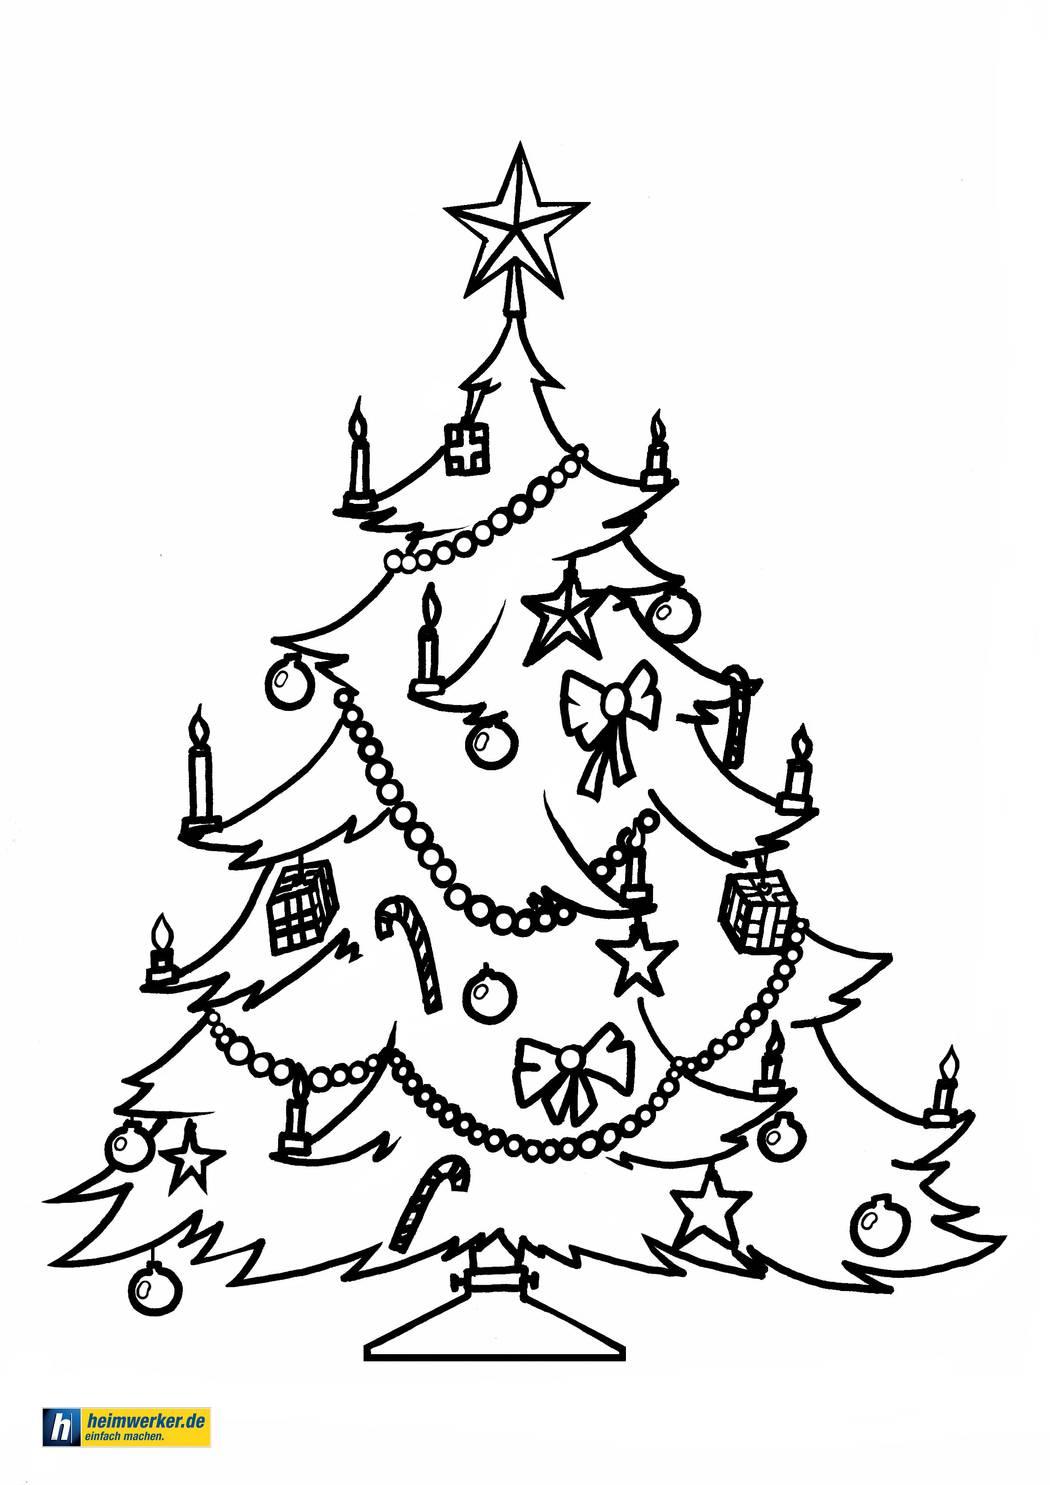 Malvorlagen Zu Weihnachten - Die Schönsten Ausmalbilder Zum für Gratis Ausmalbilder Weihnachten